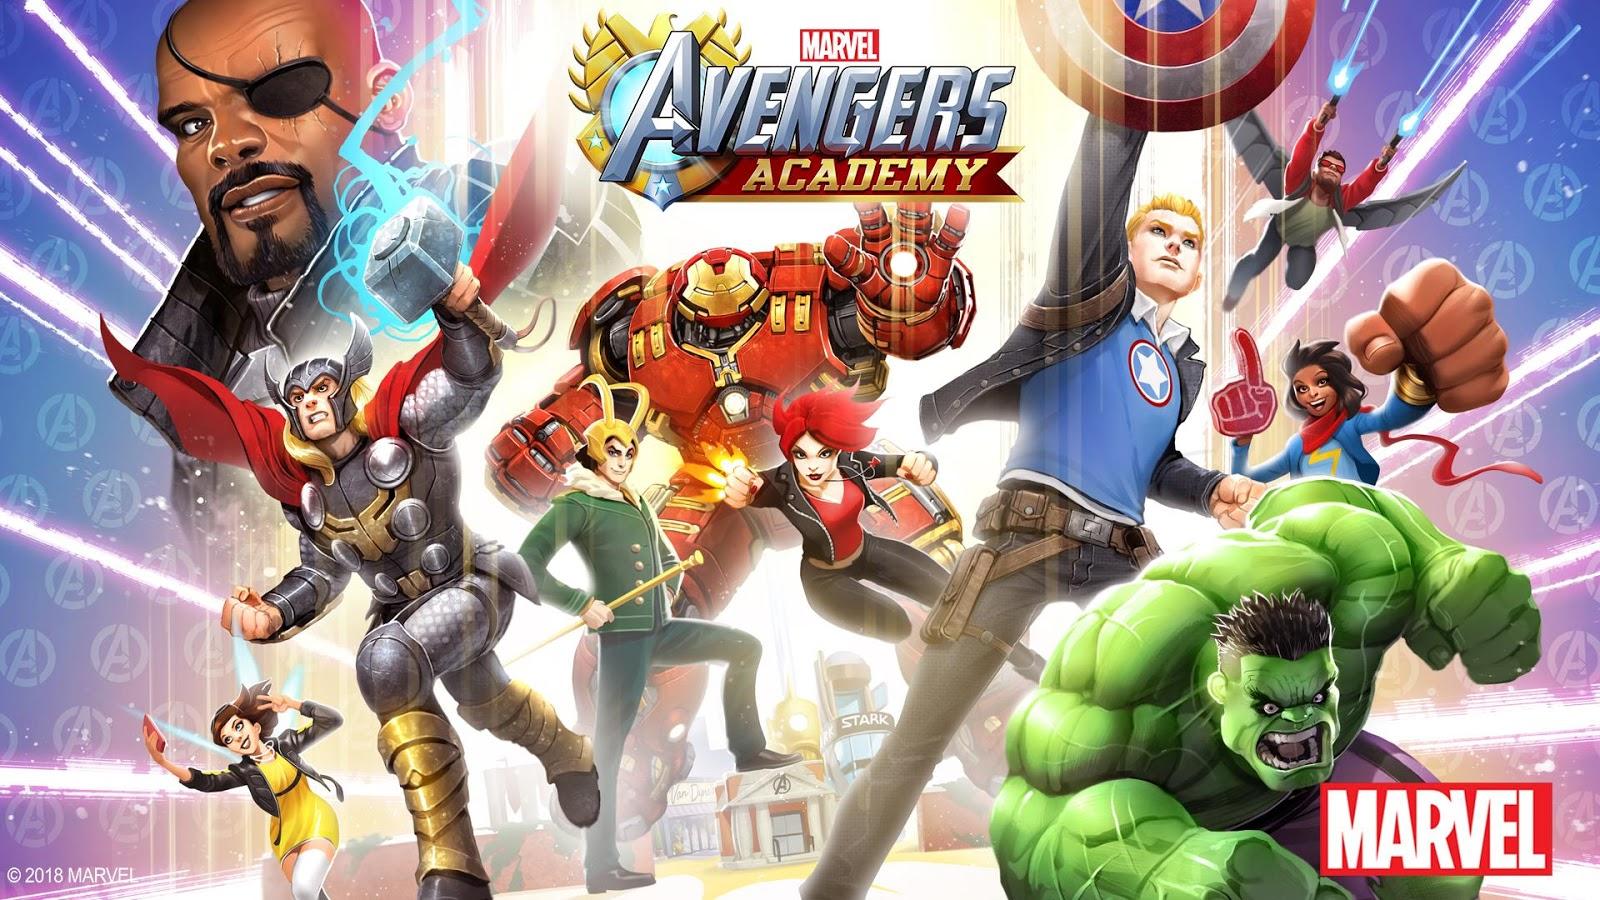 MARVEL Avengers Academy v 2.1.2 MOD Free Store